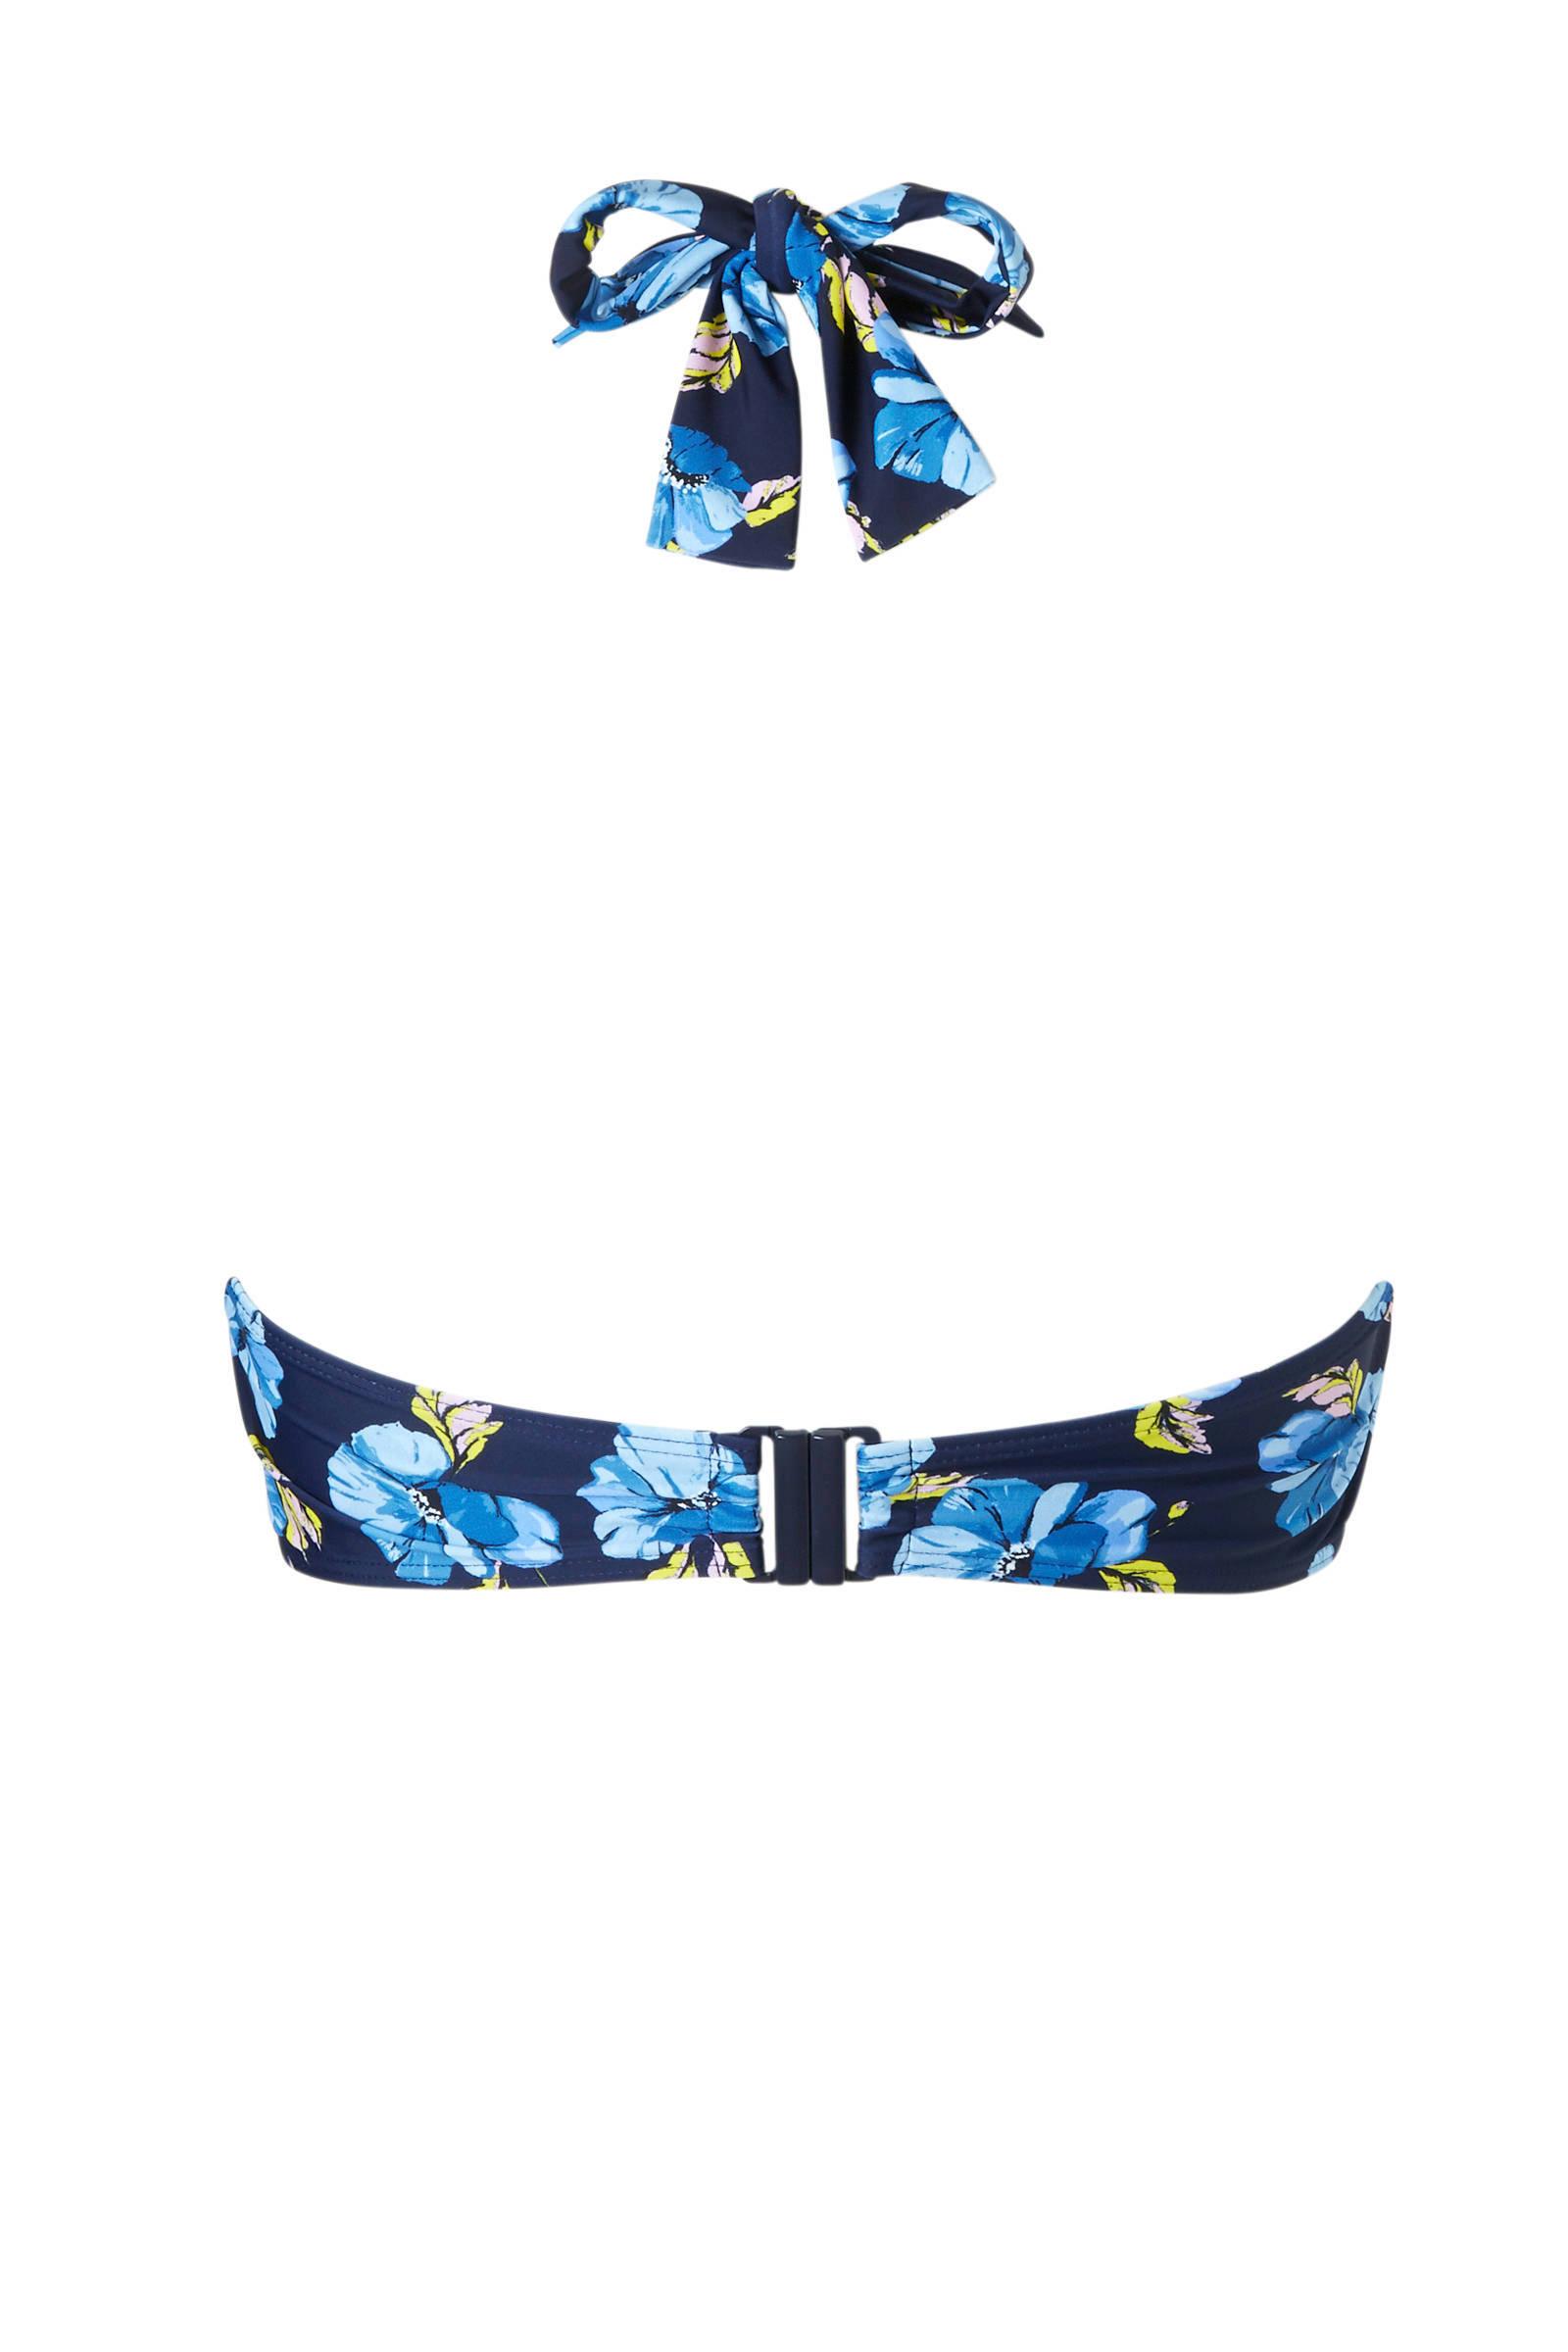 bloemen JUNAROSE JUNAROSE bikinitop halter halter met w7UqpxR6